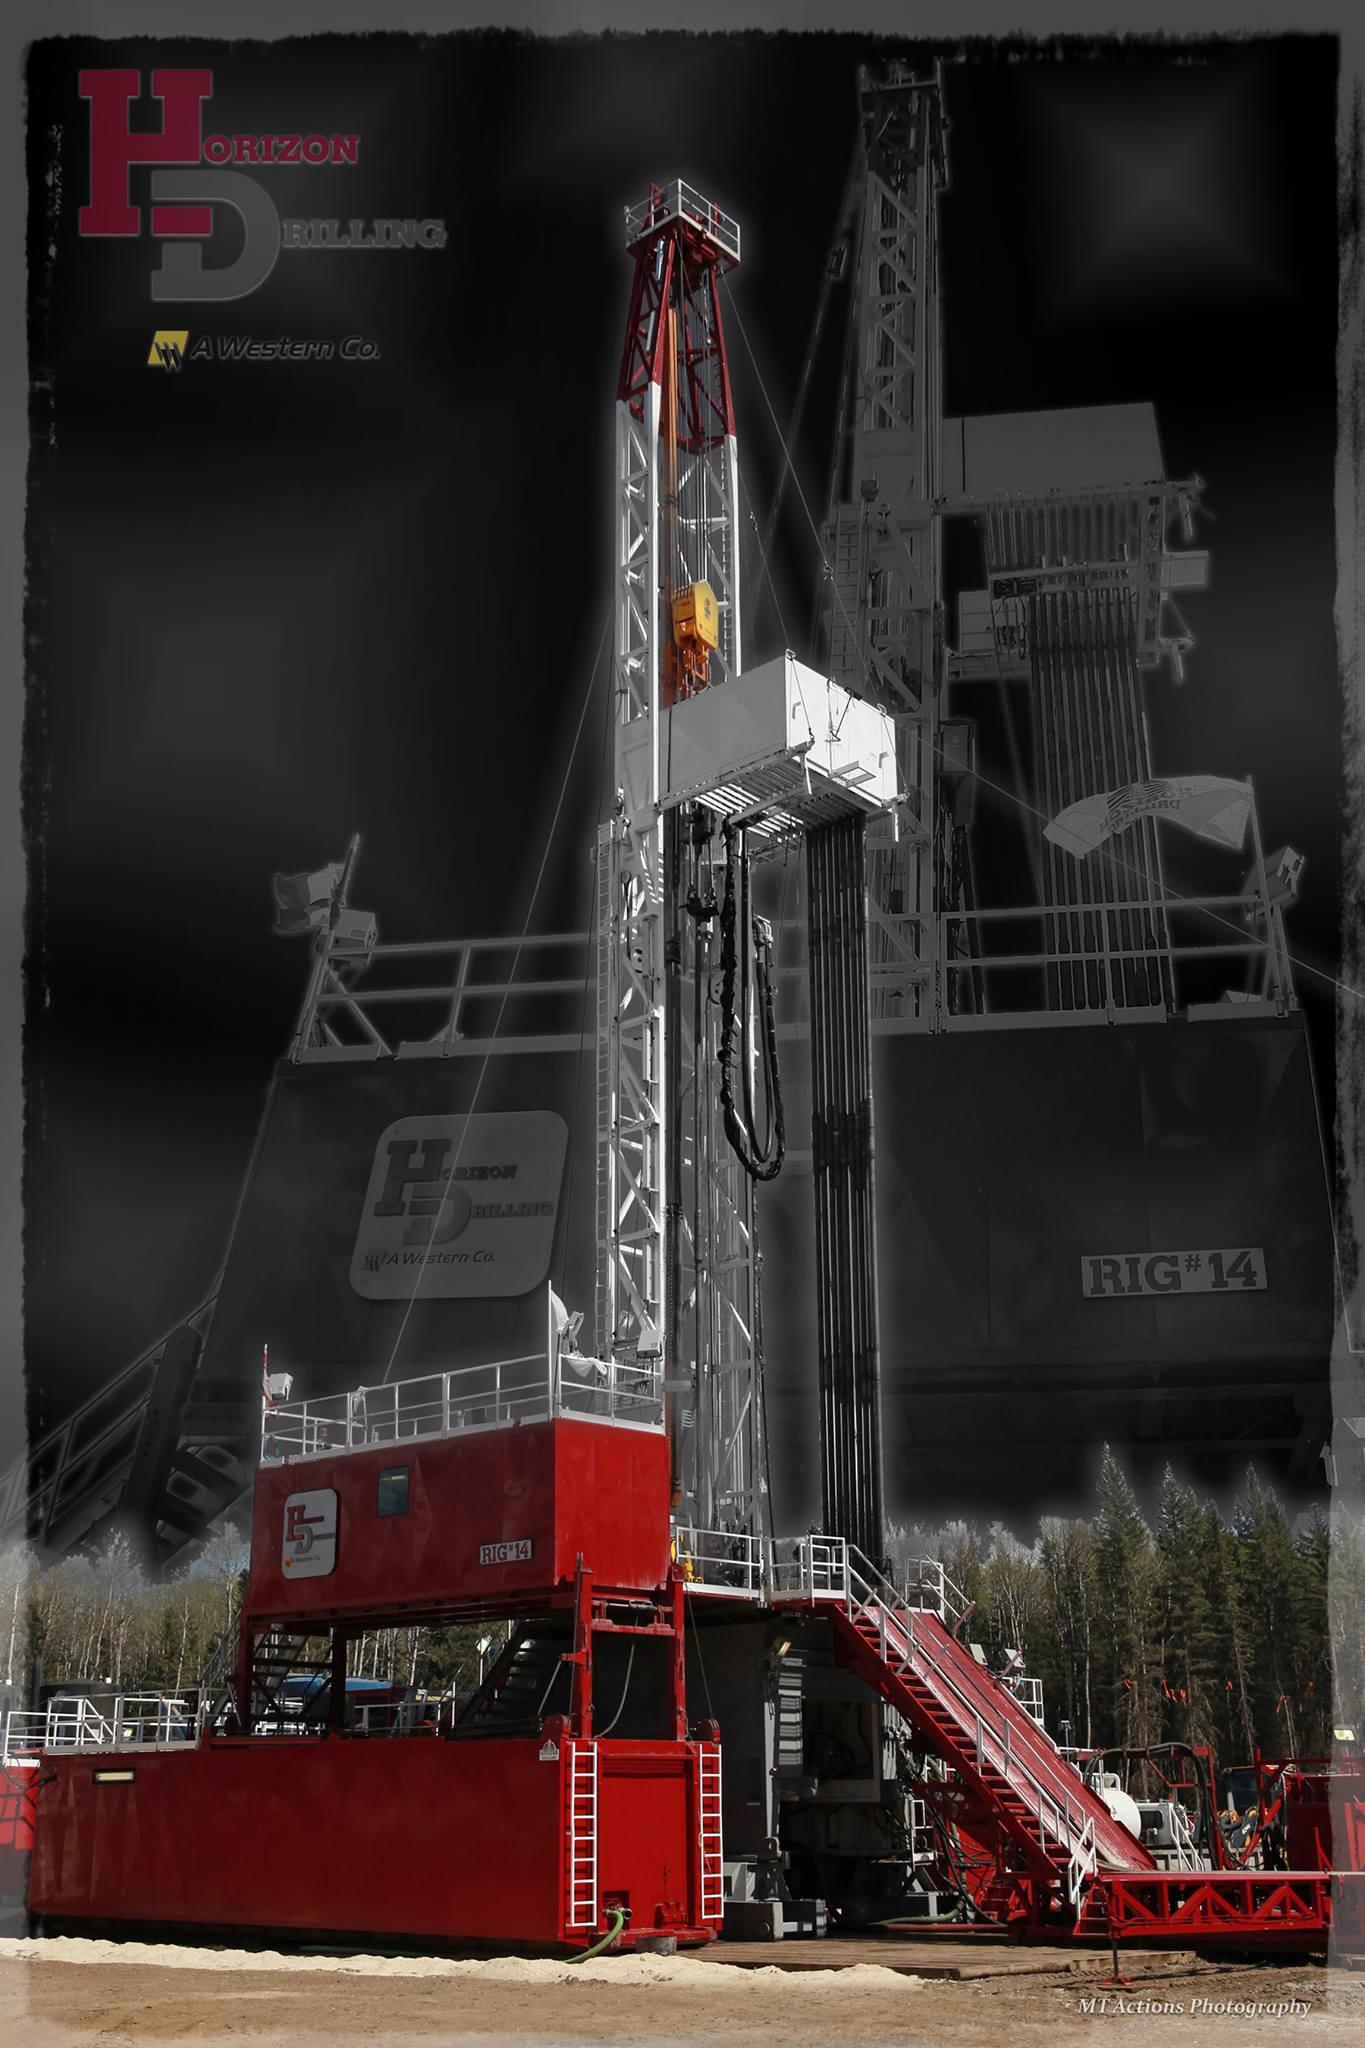 Horizon Drilling Inc logo